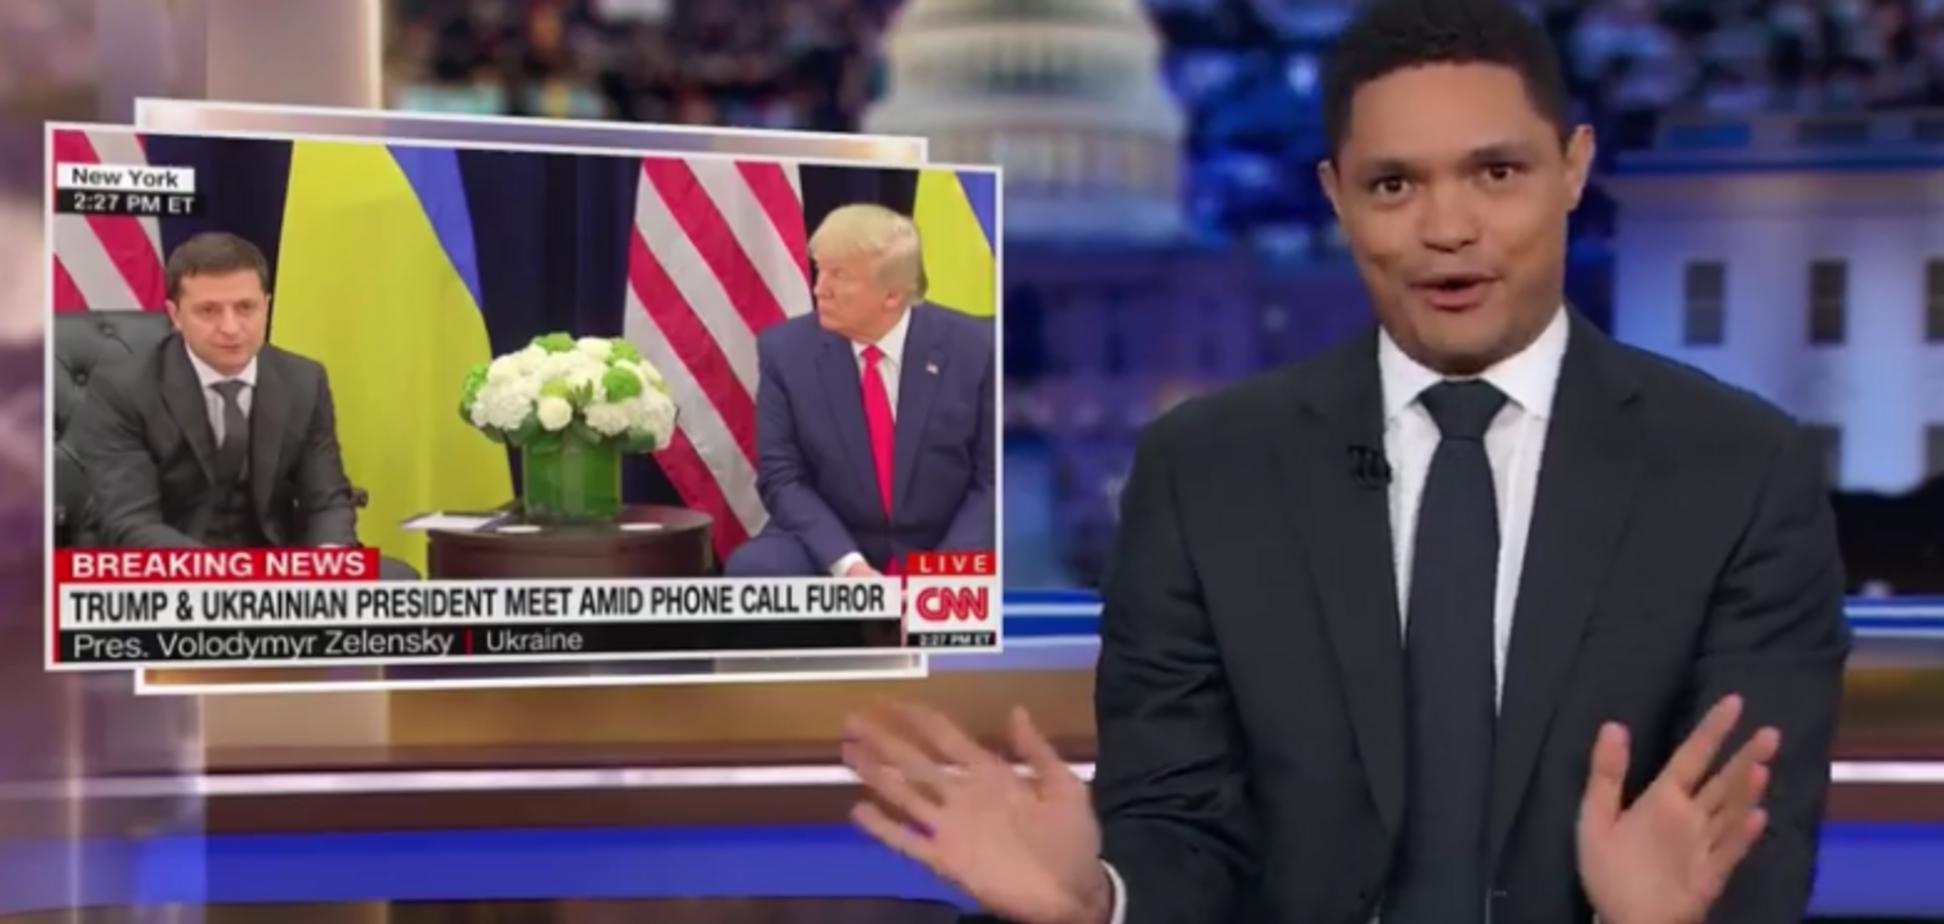 'Чувак під тиском': в США жорстко висміяли Зеленського на зустрічі з Трампом